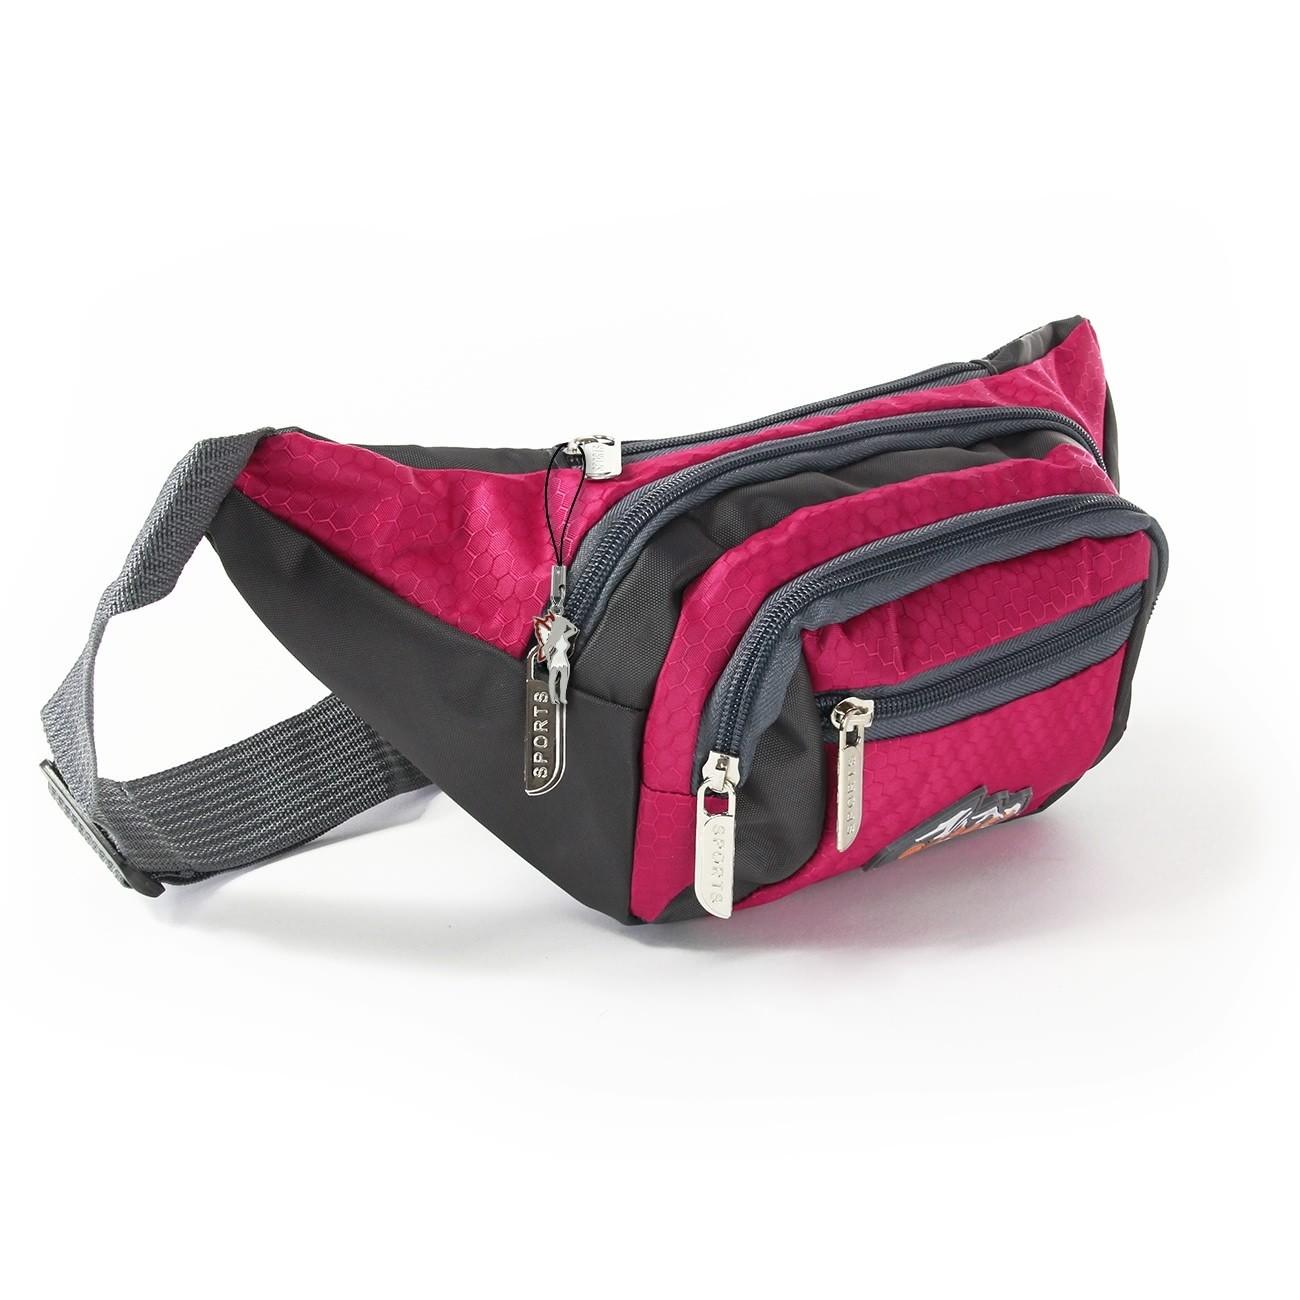 Gürteltasche Nylon pink Bauchtasche Hüfttasche Bag Street OTJ507P